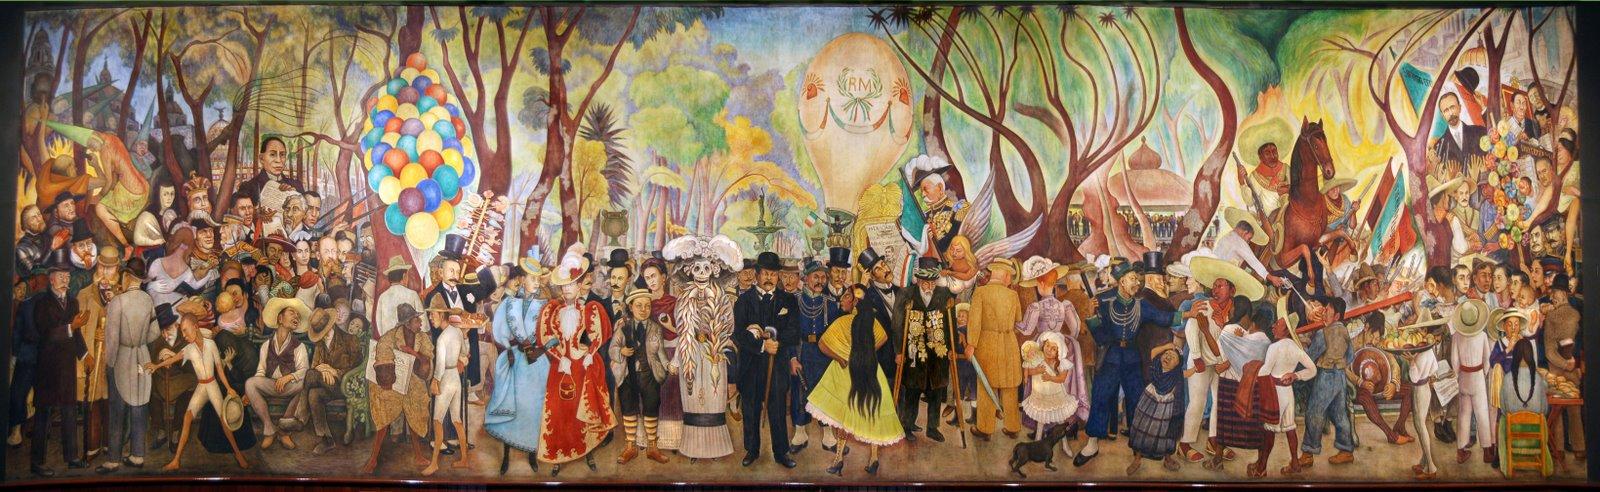 Sue o de una tarde dominical en la alameda blogodisea for Caracteristicas de un mural